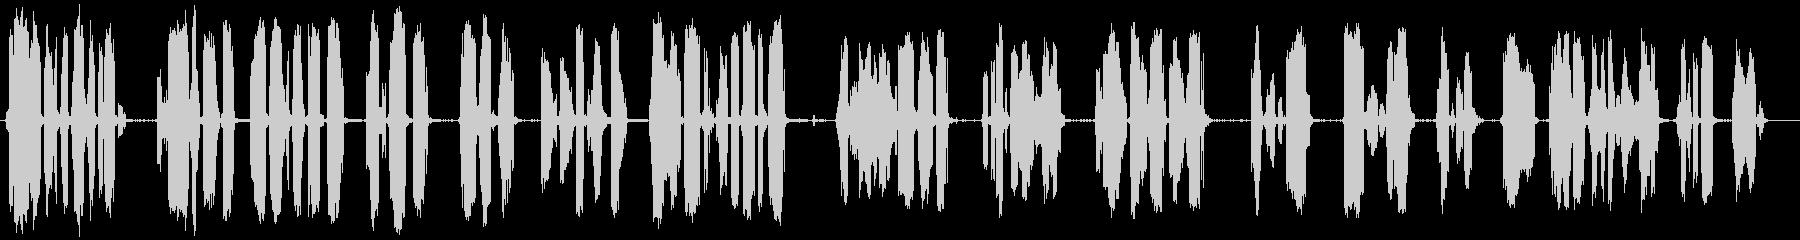 未来を切り開く声の未再生の波形